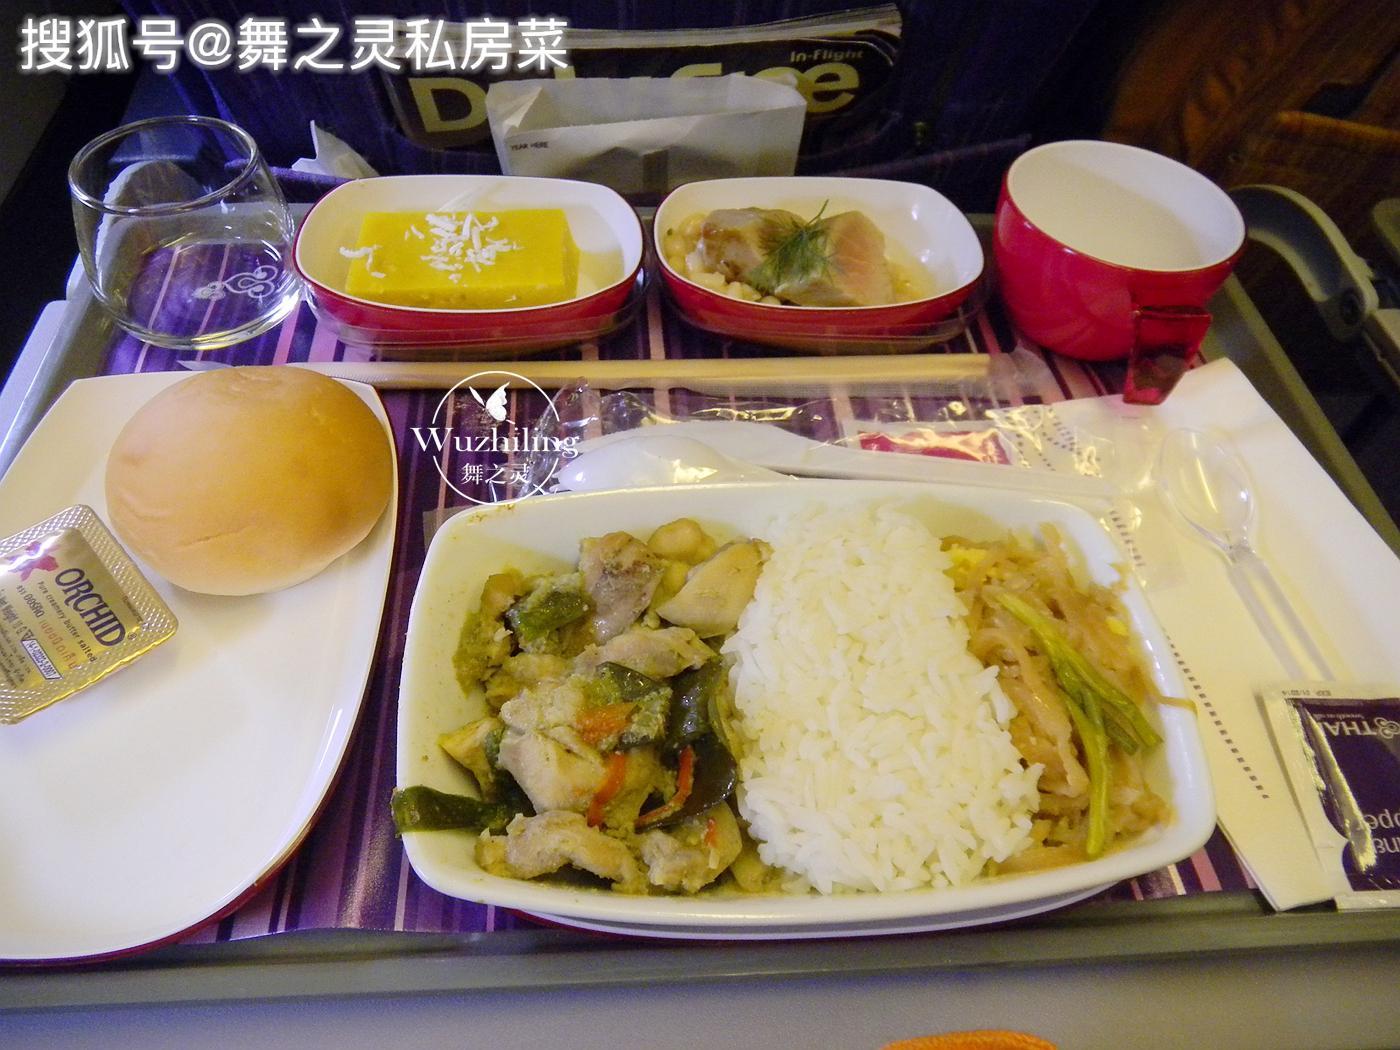 晒一下国际航班经济舱的午餐,花样真多,乘客:真丰盛,吃撑了